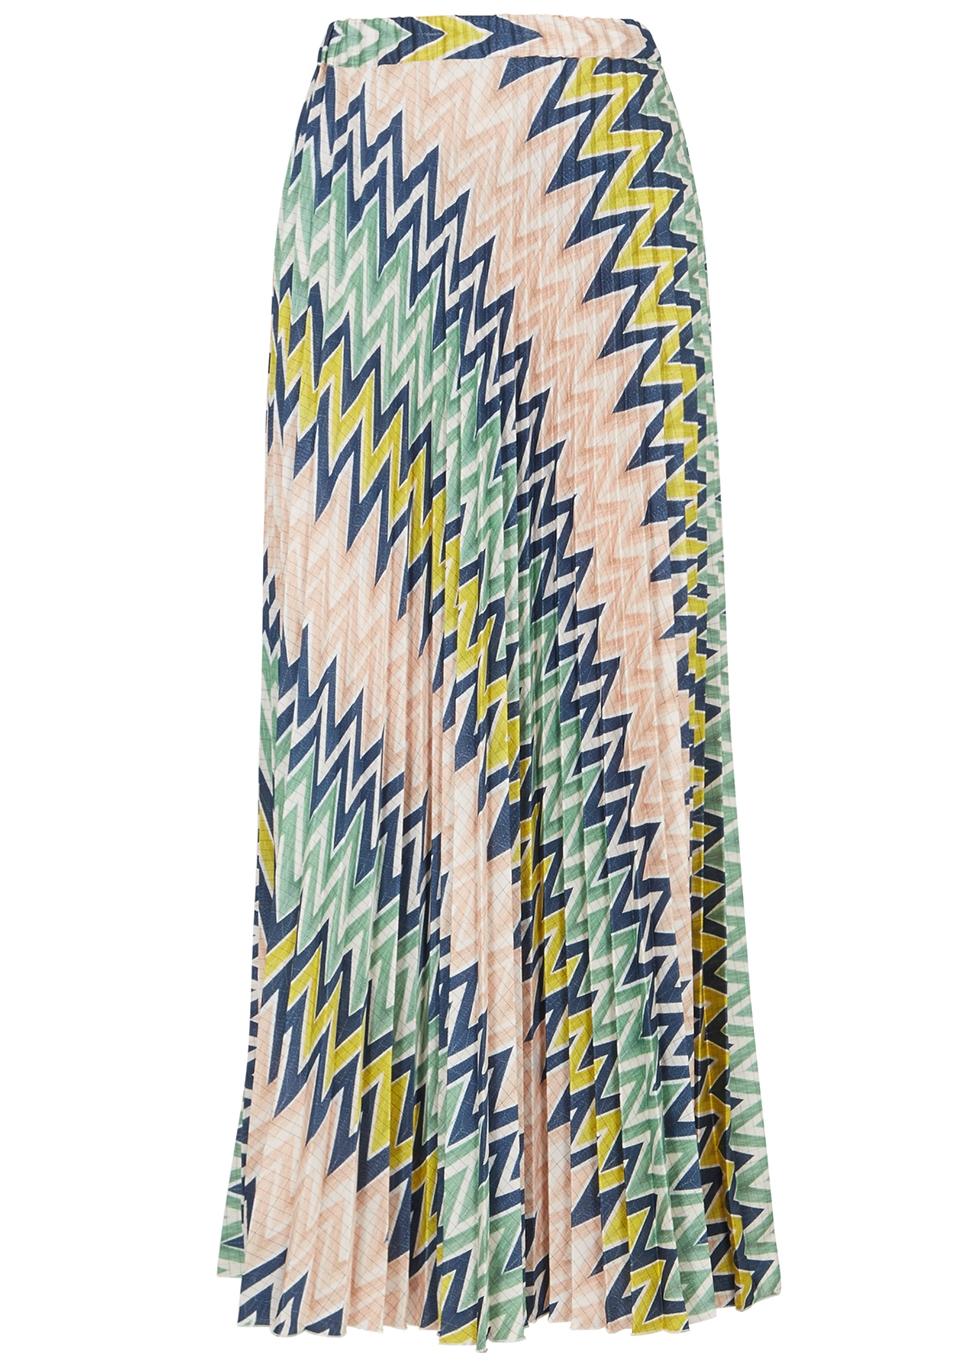 Zigzag pleated satin maxi skirt - M Missoni